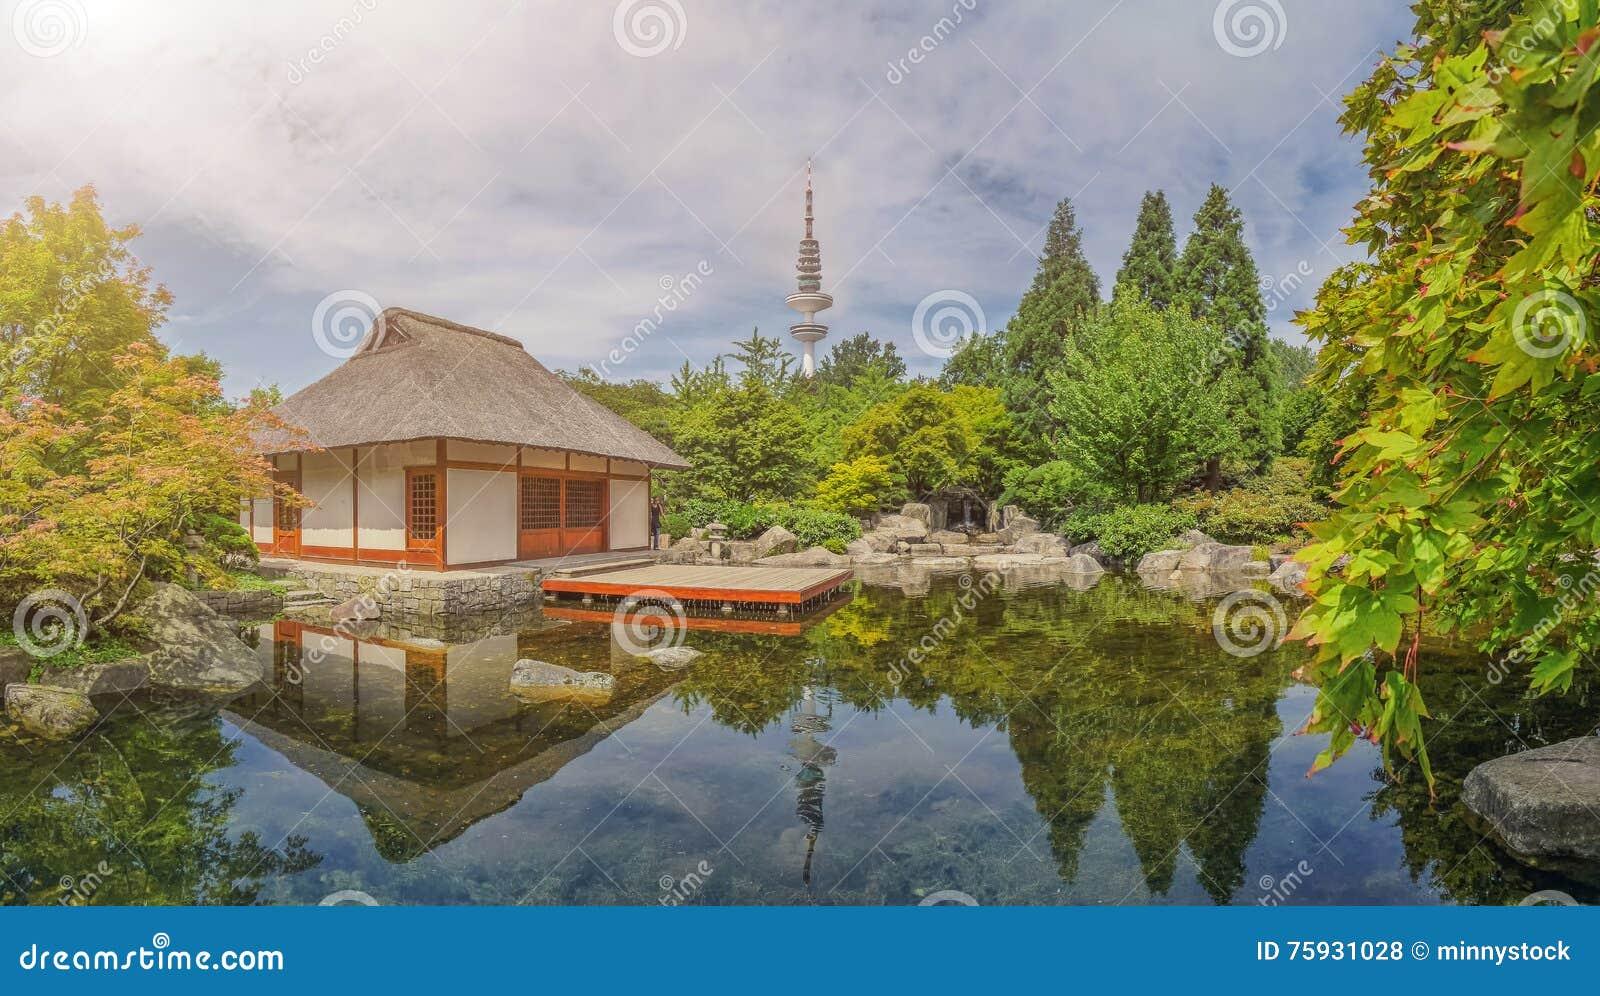 japanischer garten in park planten uno blomen mit heinrich hertz turm in hamburg deutschland. Black Bedroom Furniture Sets. Home Design Ideas